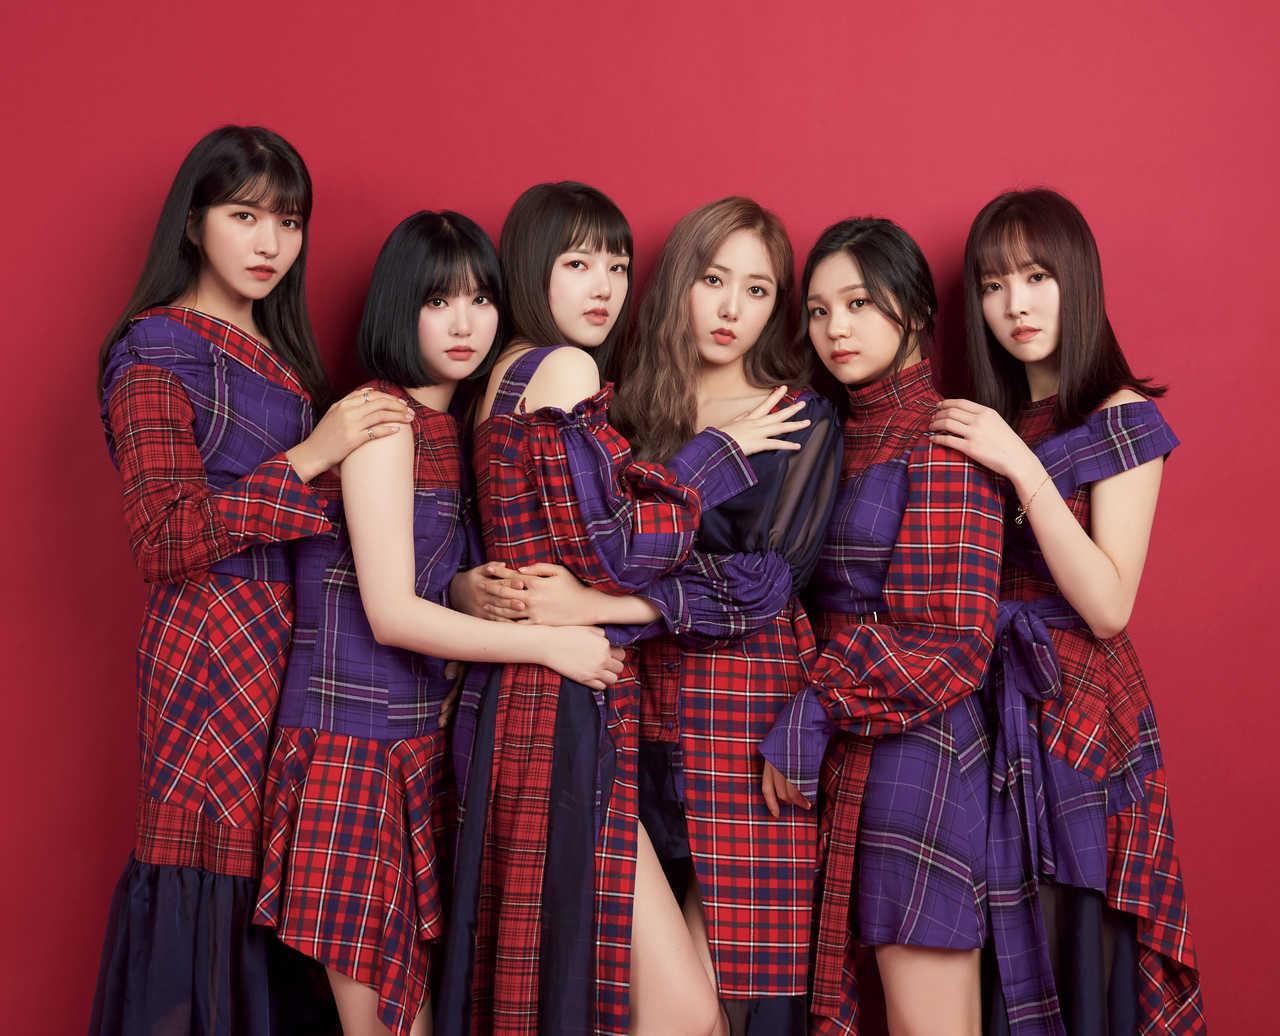 超大型K-POPガールズグループ GFRIEND、新アーティスト写真・ジャケット写真・ティザー動画公開!